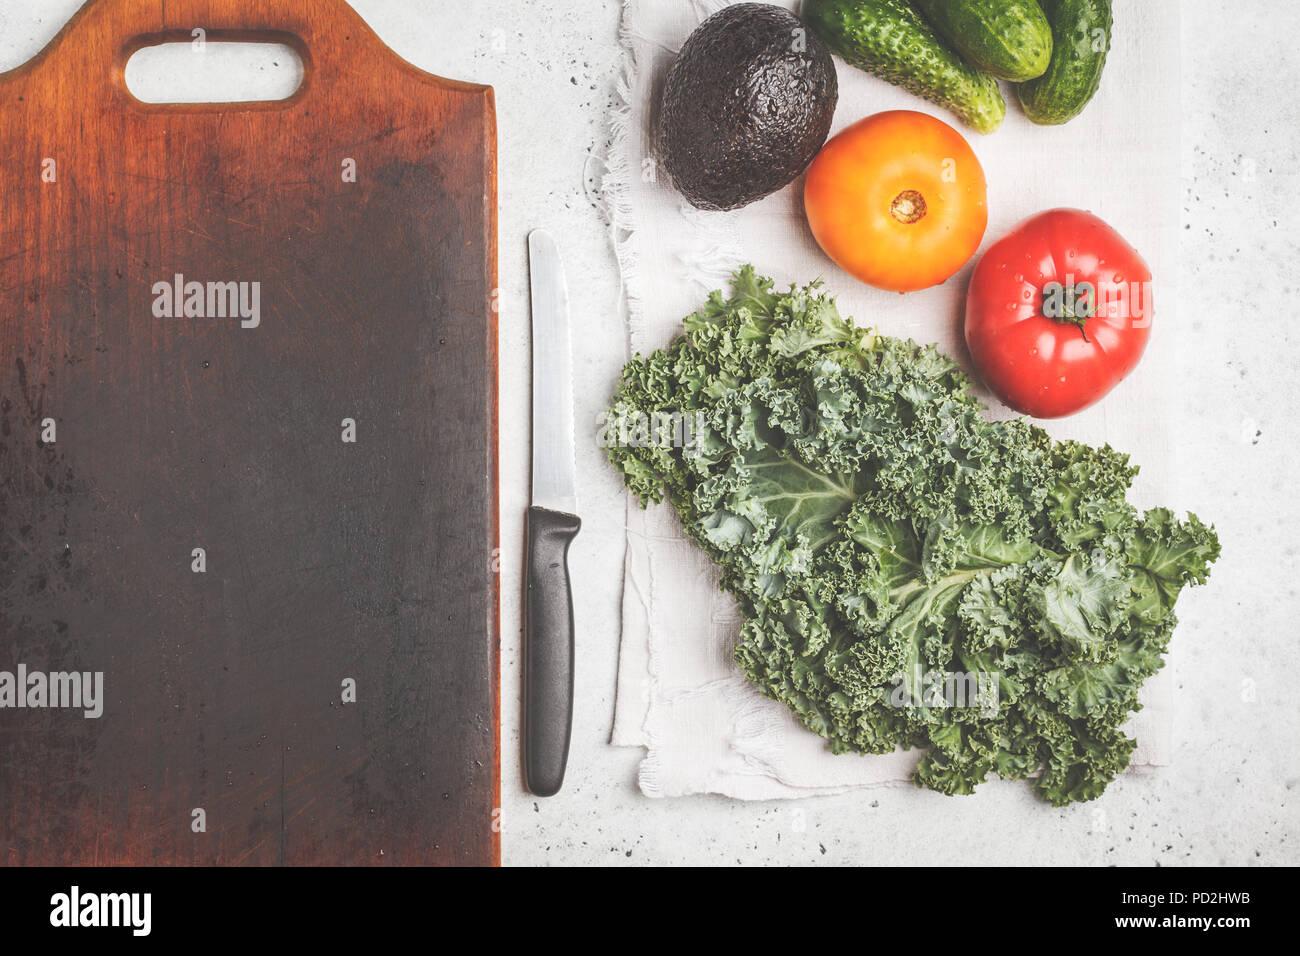 Zutaten für einen gesunden Salat auf einem weißen Tisch, Ansicht von oben. Kochen von Gemüse Salat aus Tomaten, Gurken, Avocado und Kale. Gesunde vegane Ernährung Stockbild